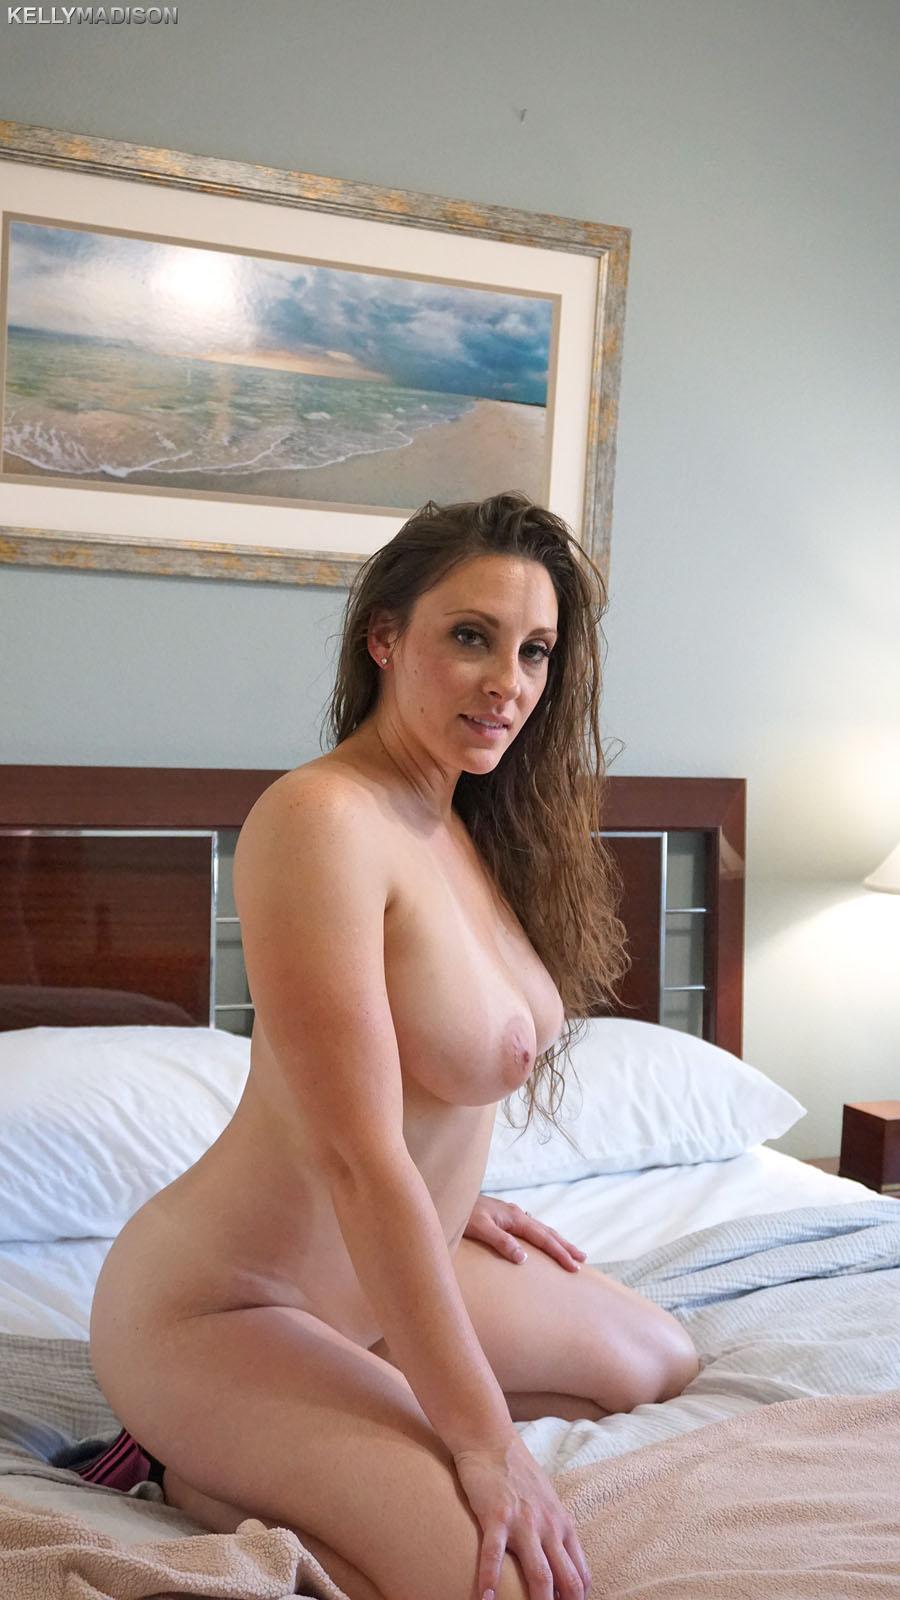 Kelly madison nude